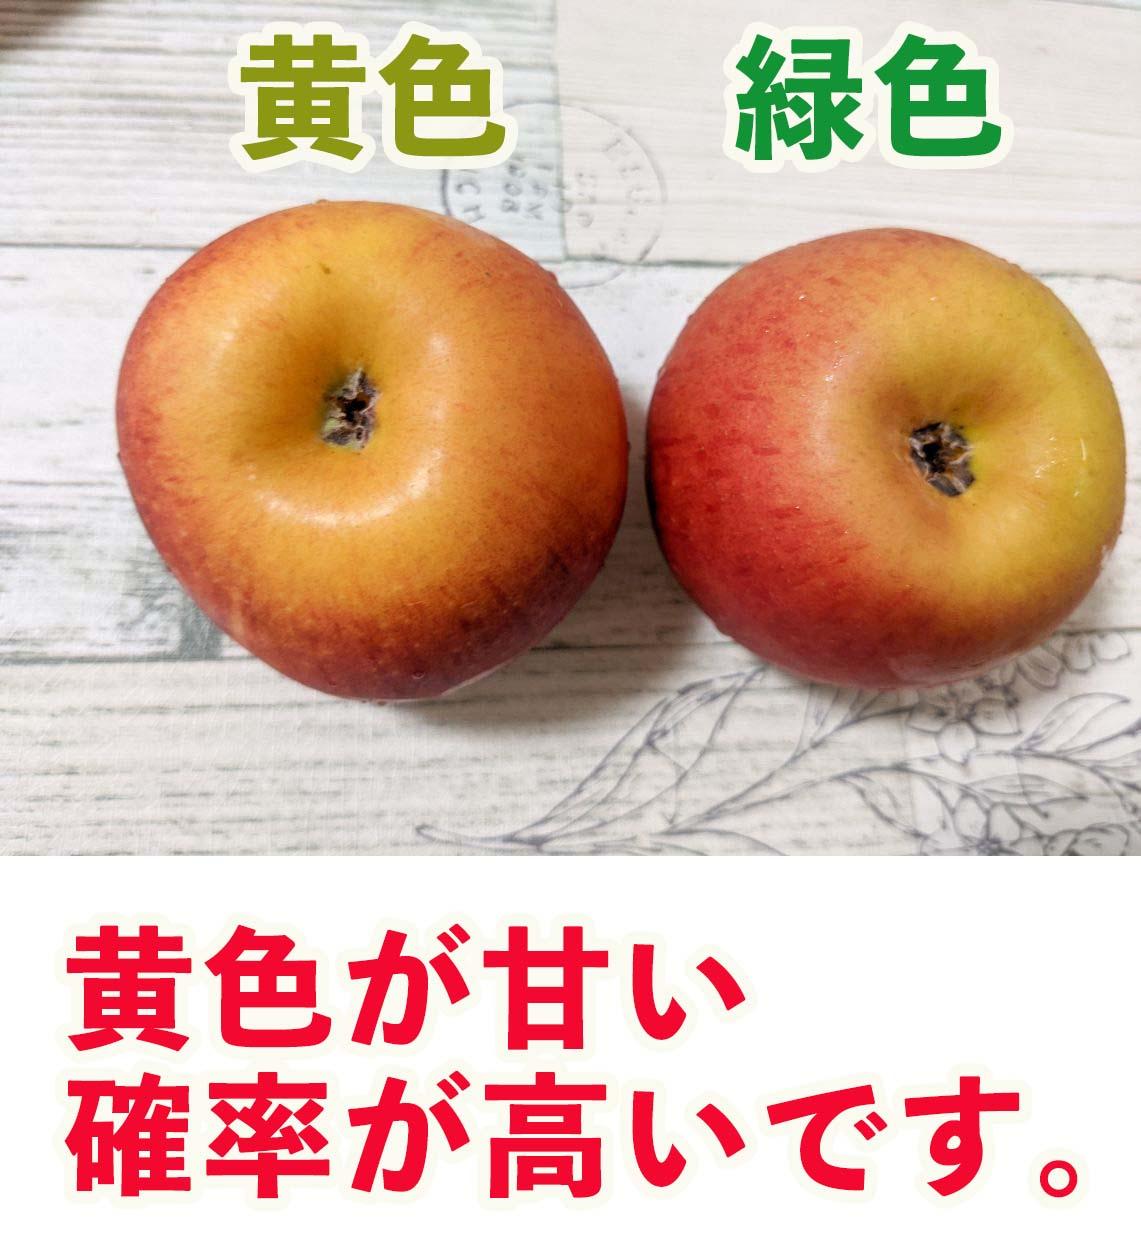 りんごの見分け方